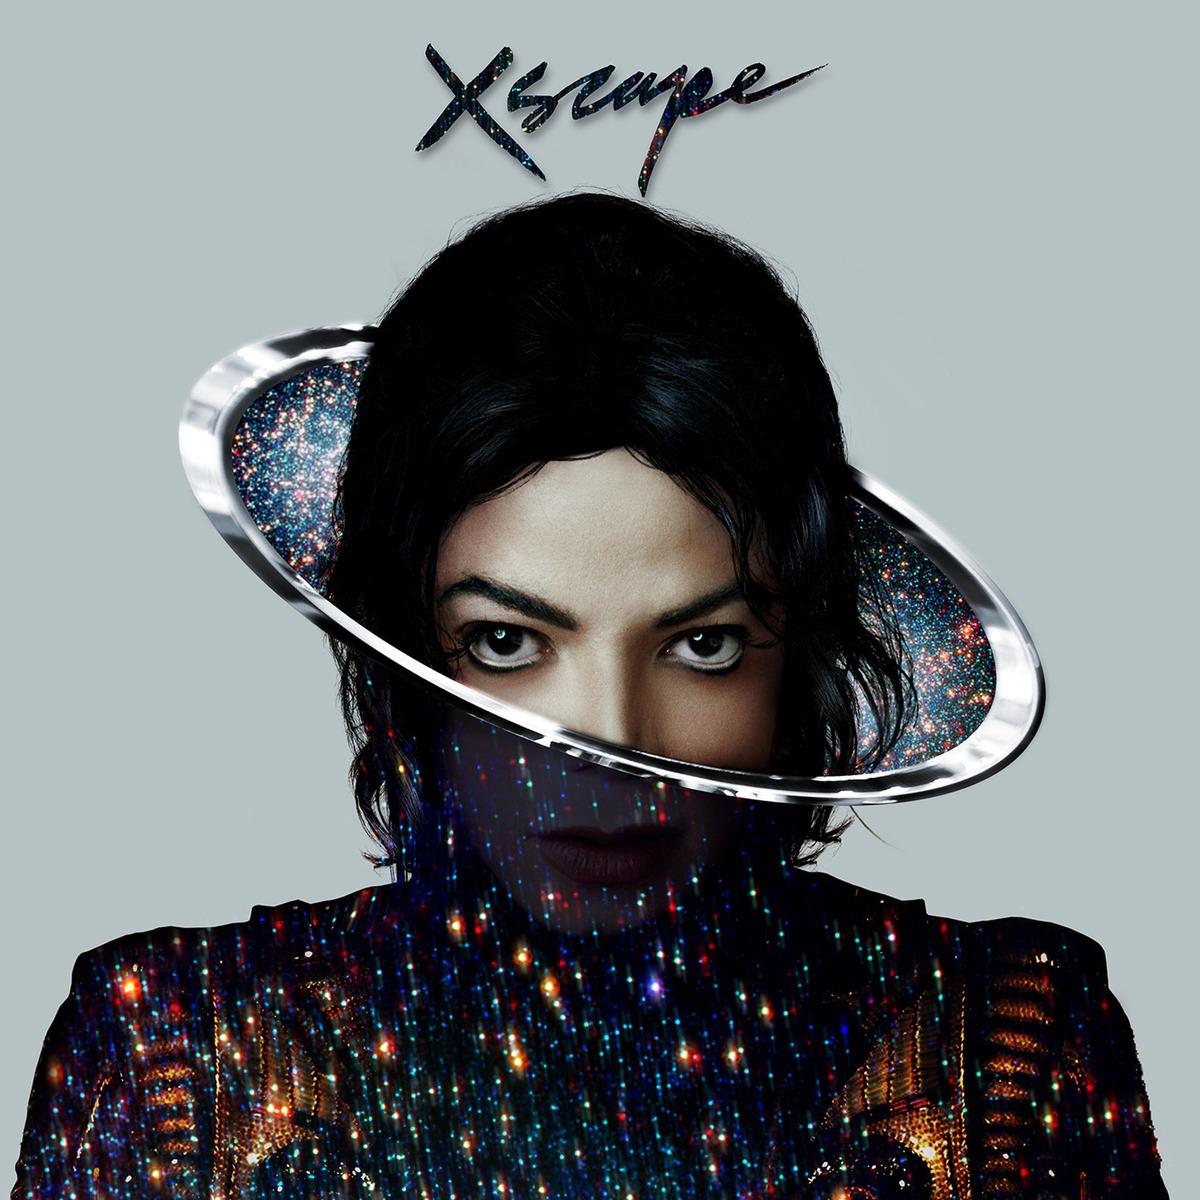 michael Jackson's Xscape